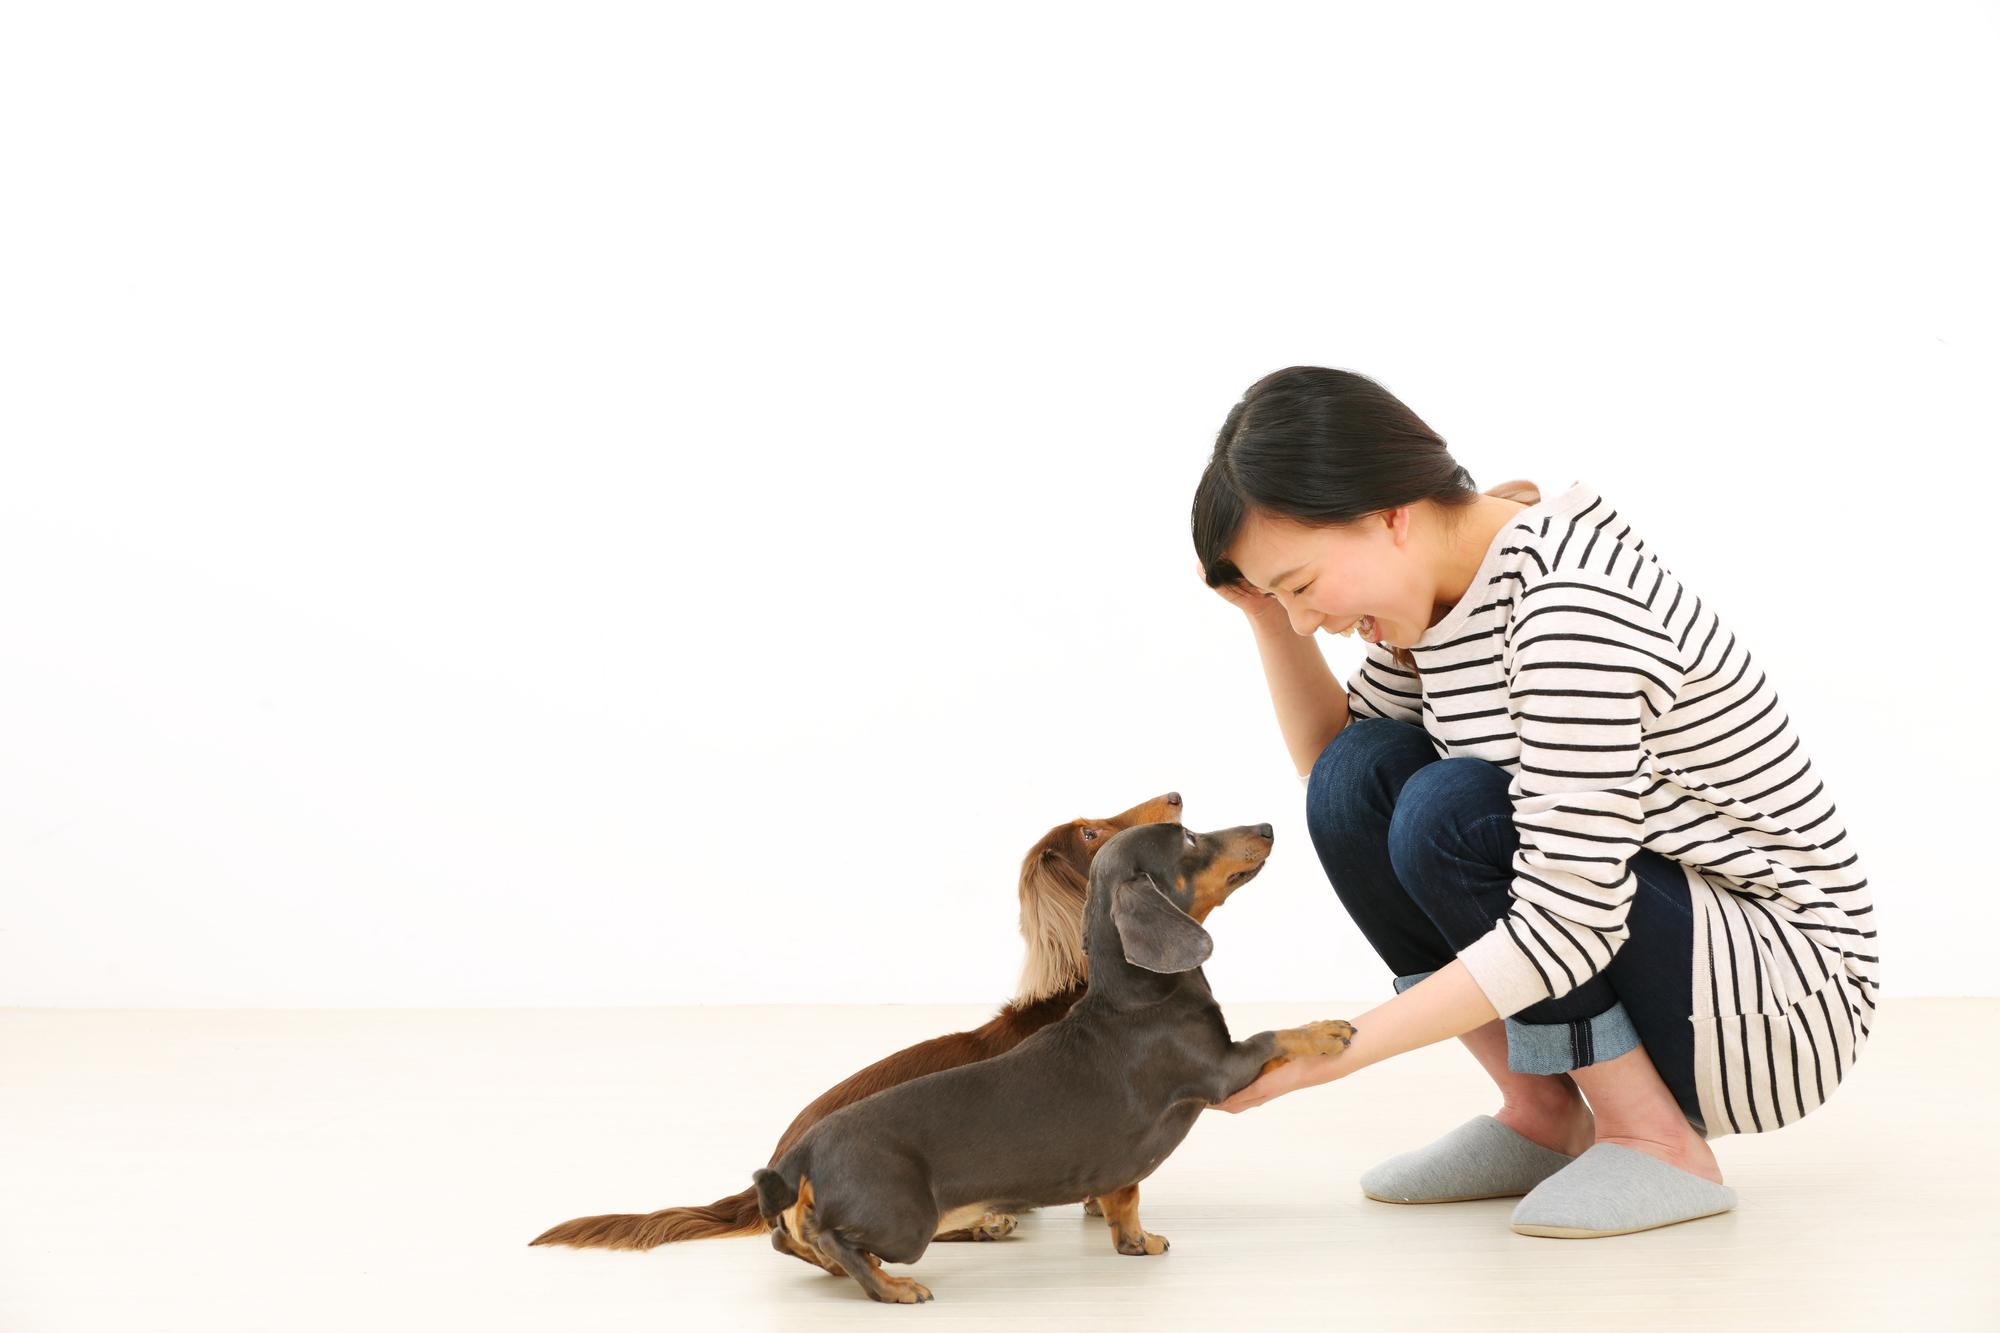 【しつけ・まとめ】正しい しつけ方法で愛犬との絆も深まる!押さえておきたいしつけの基本!